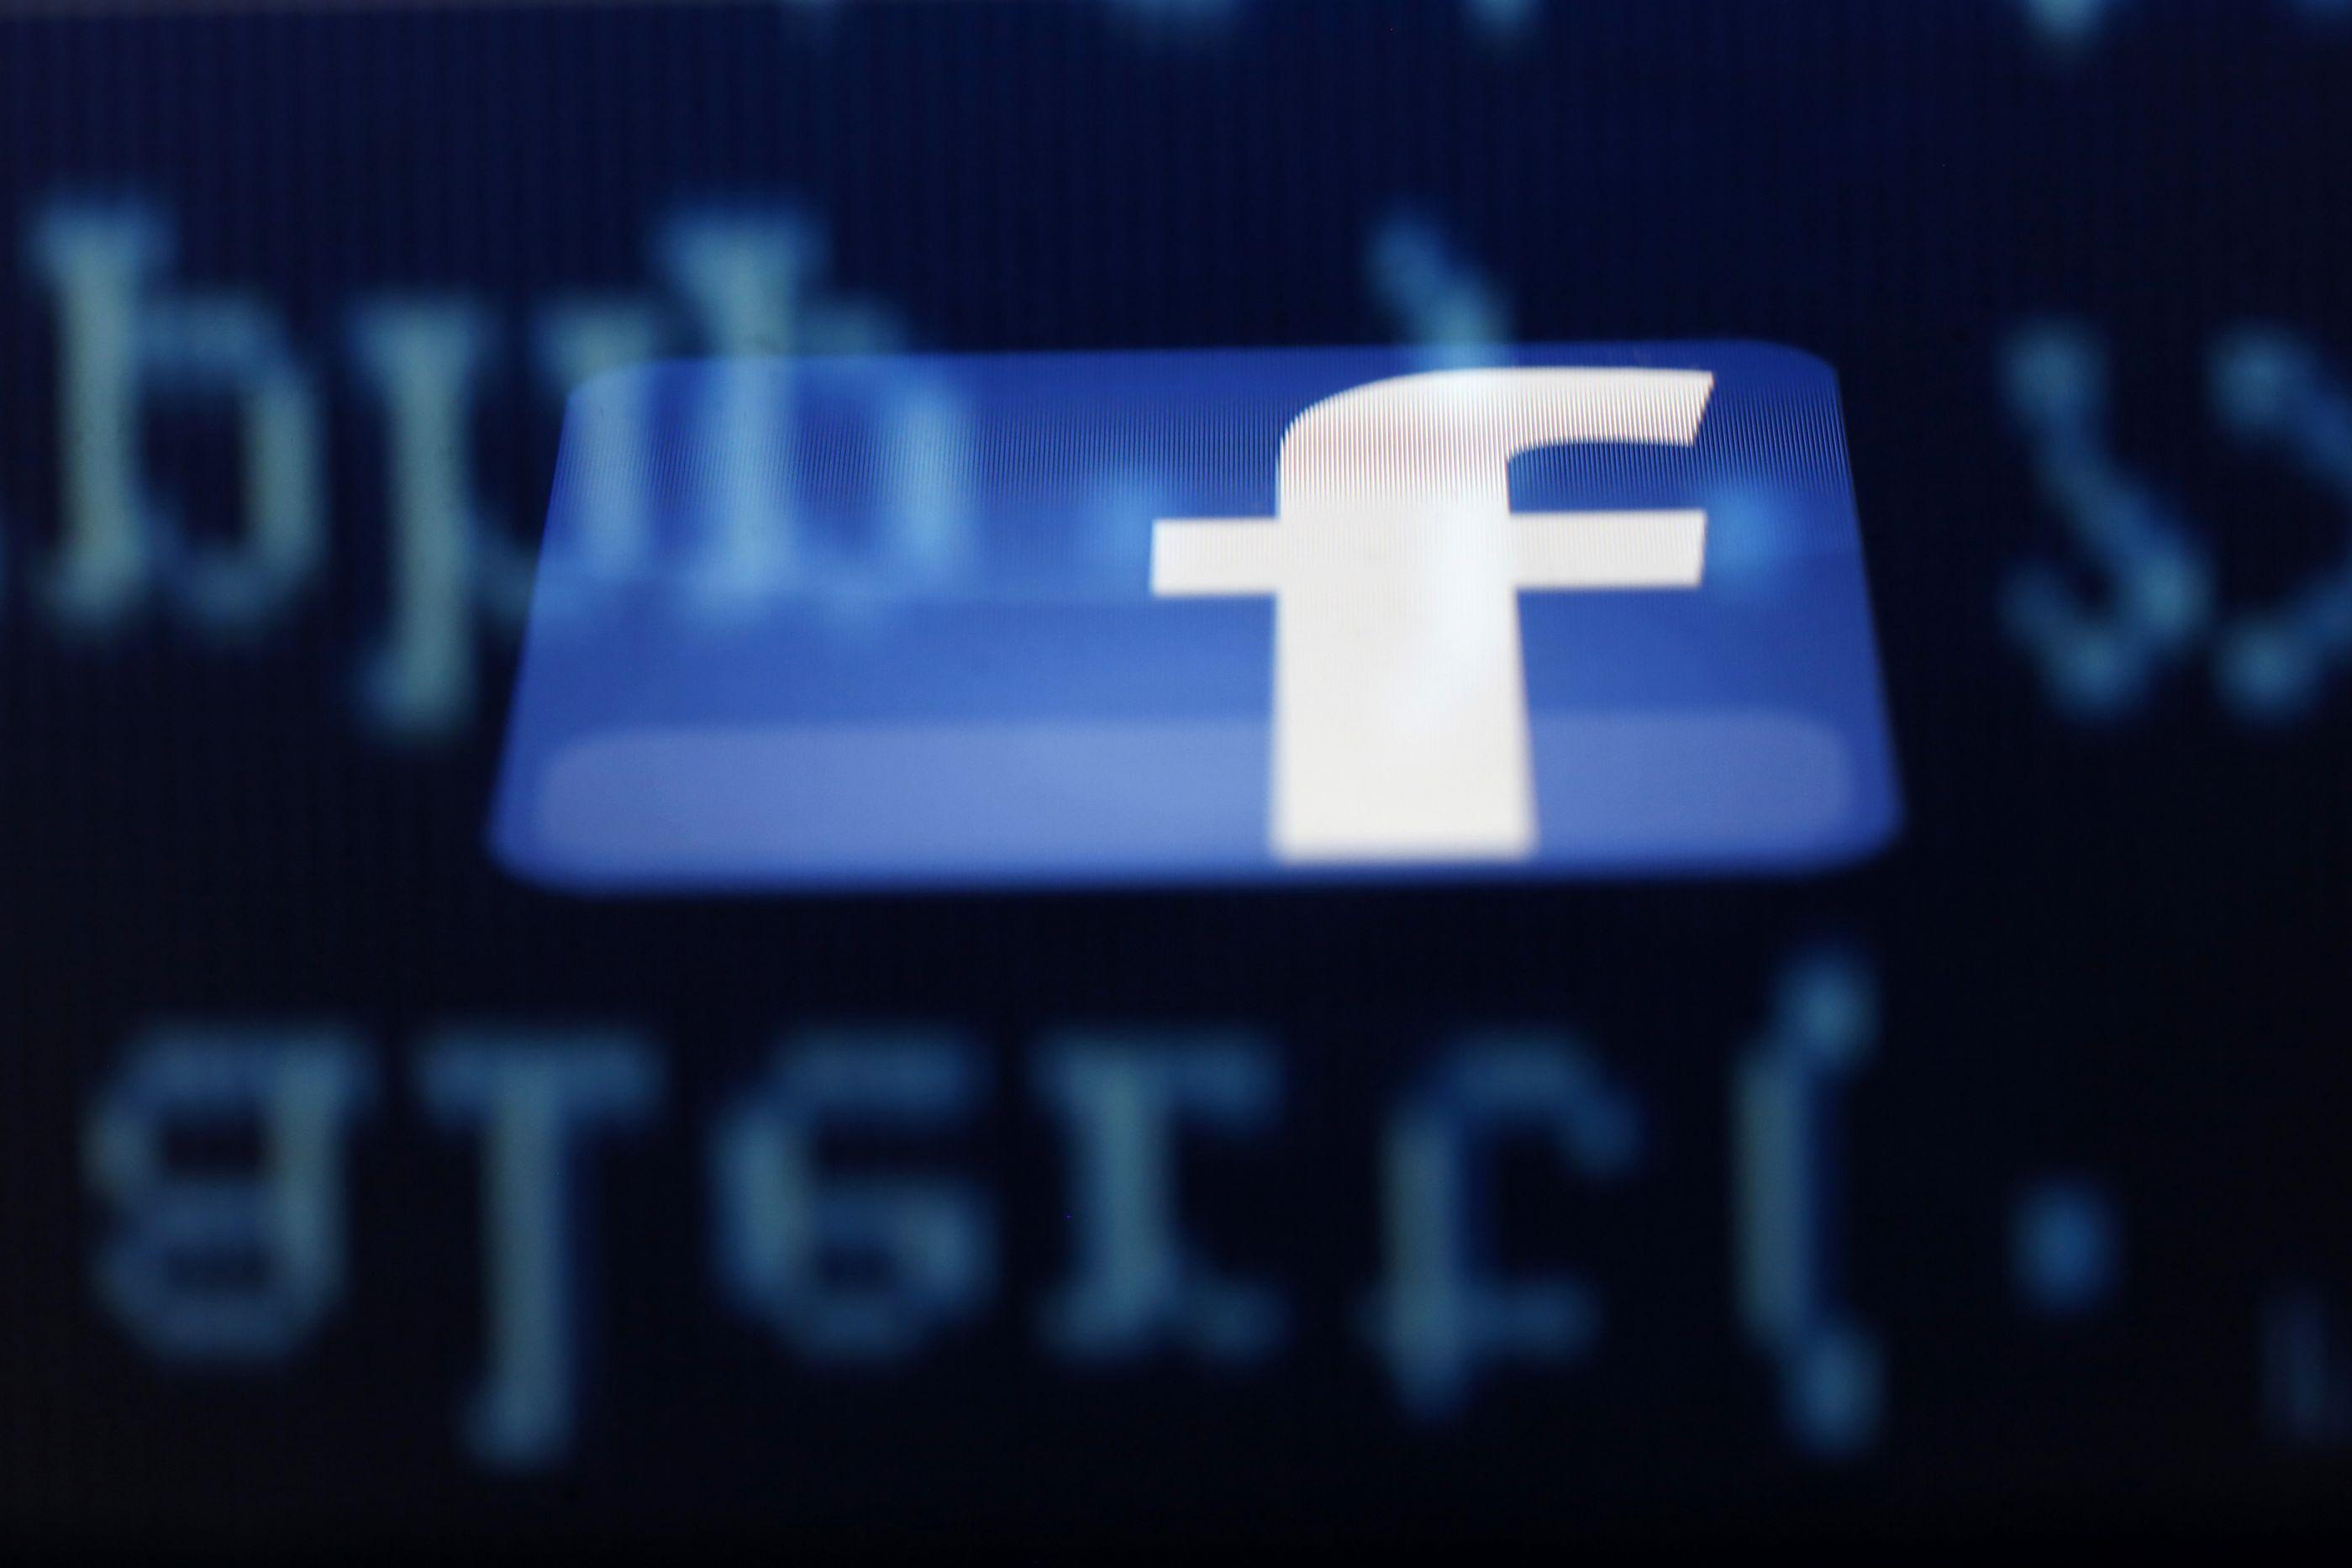 Facebook diz que utilizadores não denunciaram vídeo em direto do ataque